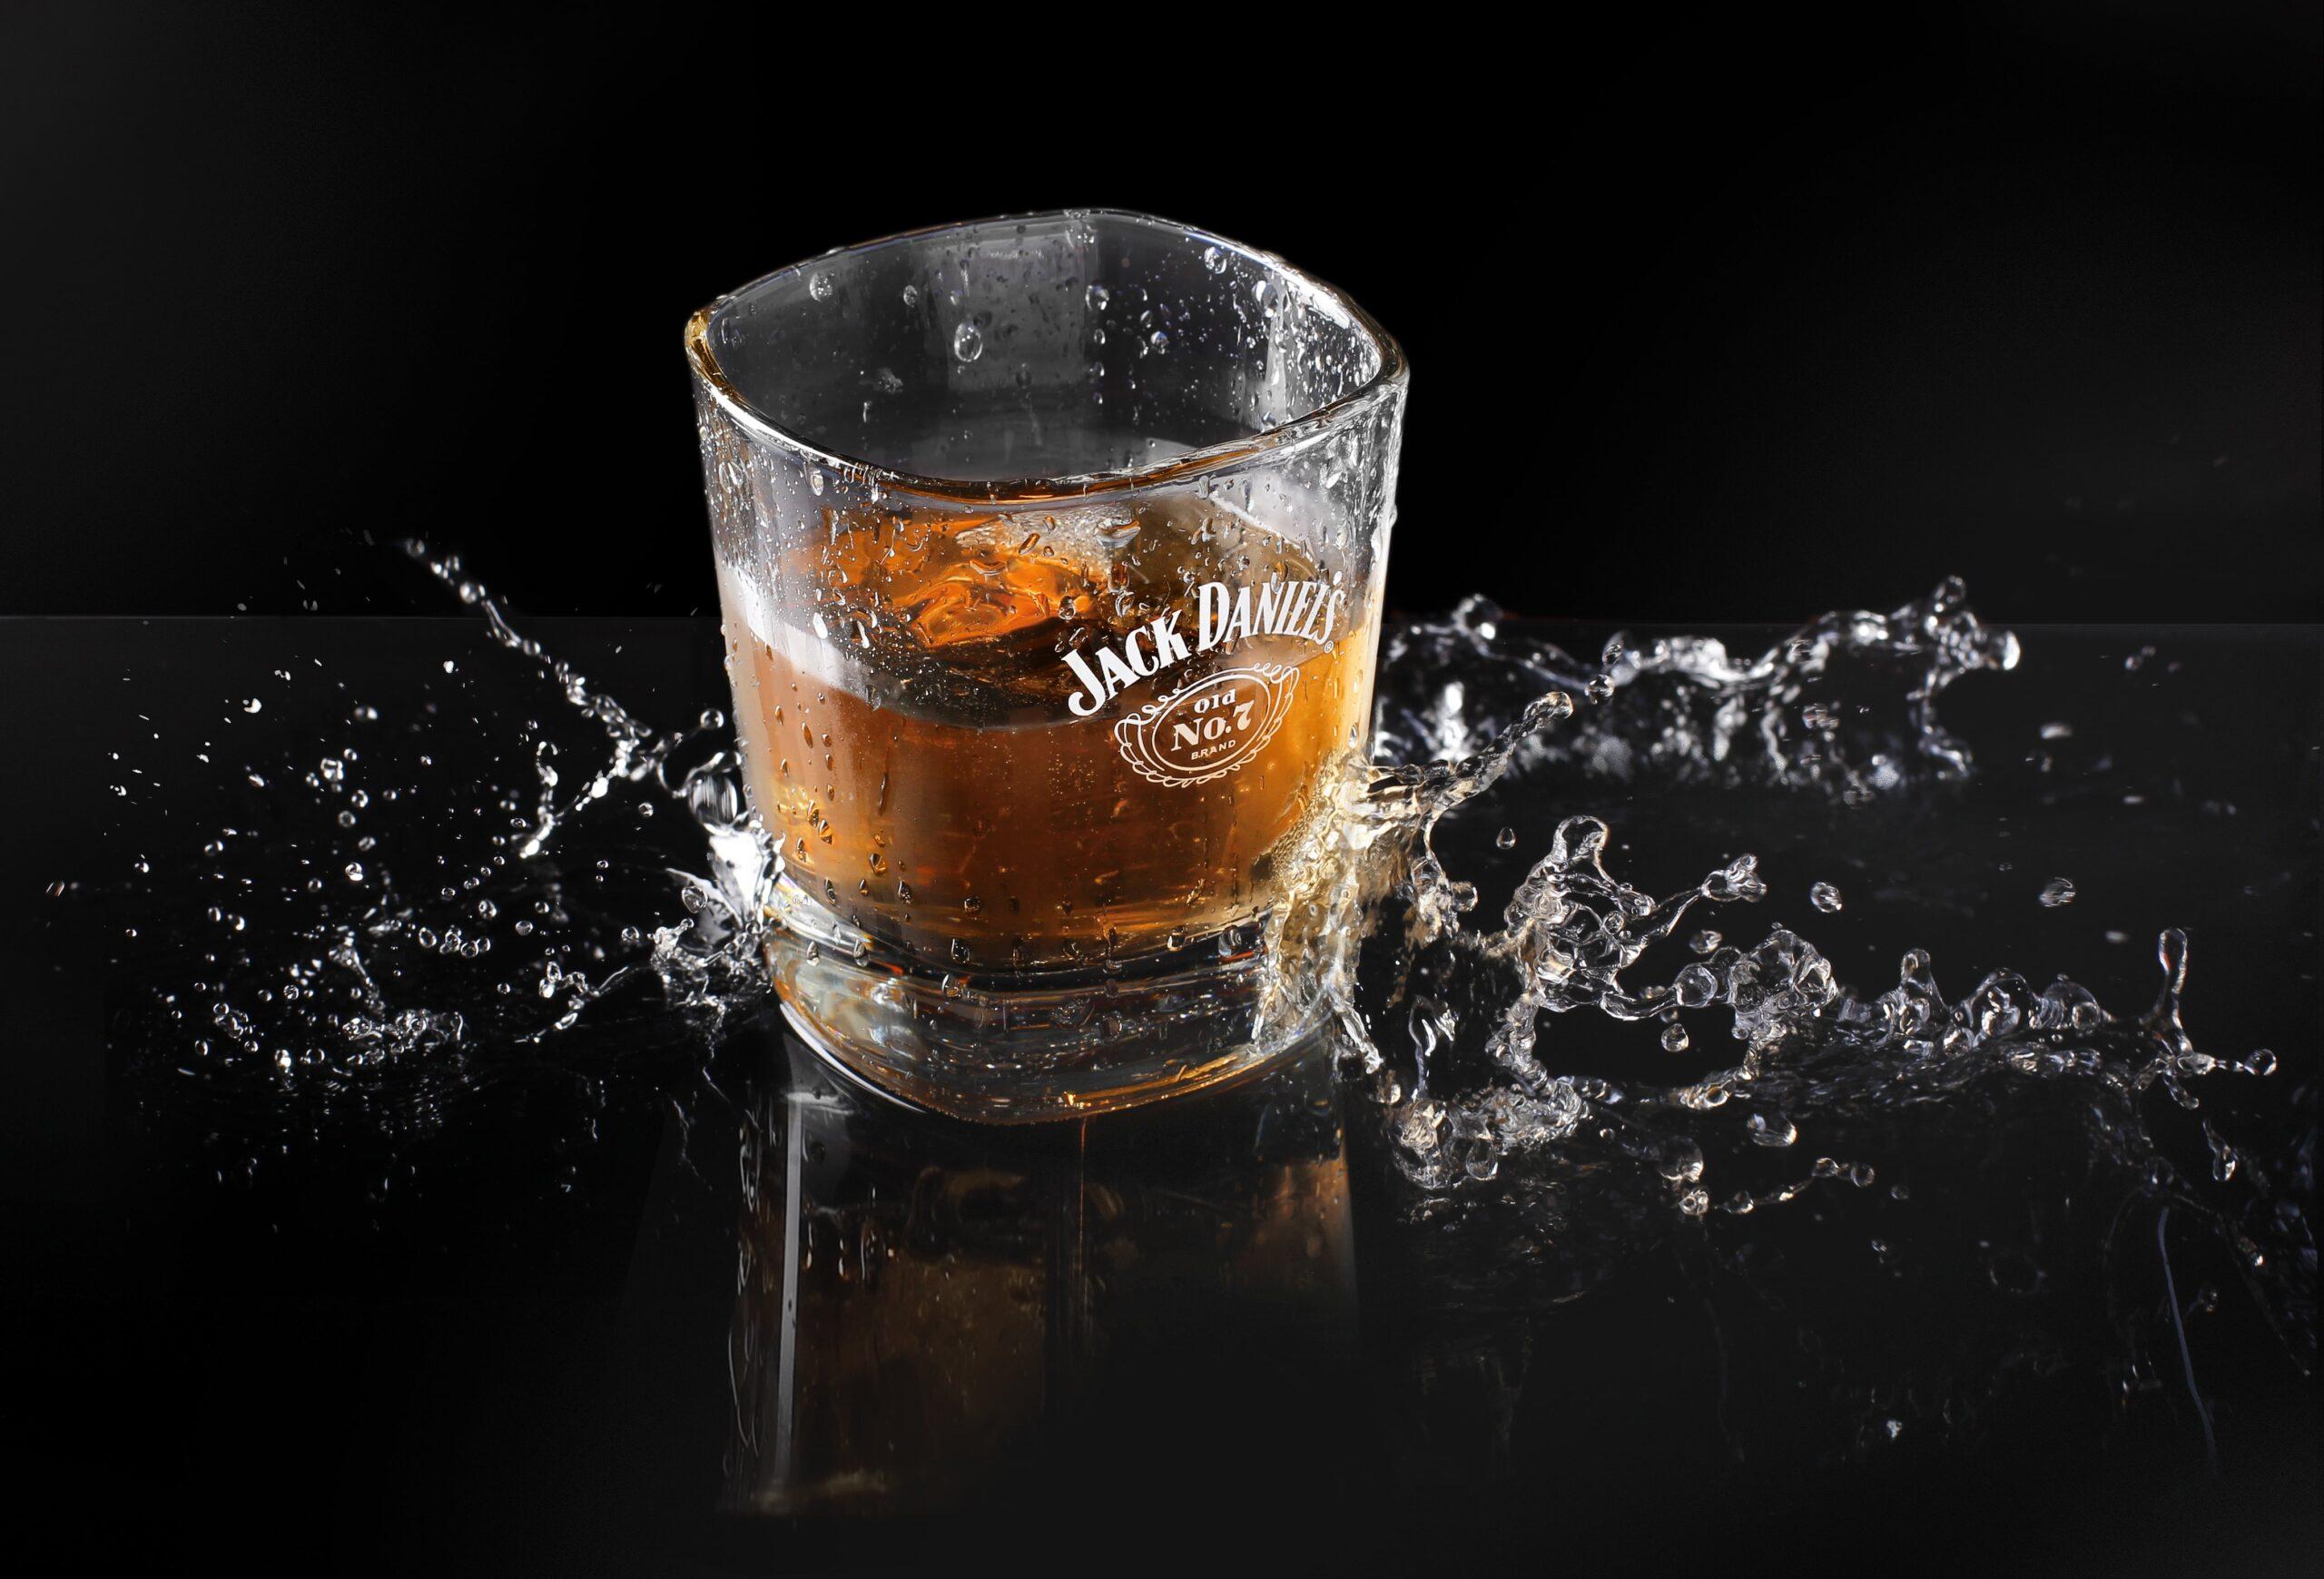 Añadir agua al whisky intensifica el sabor